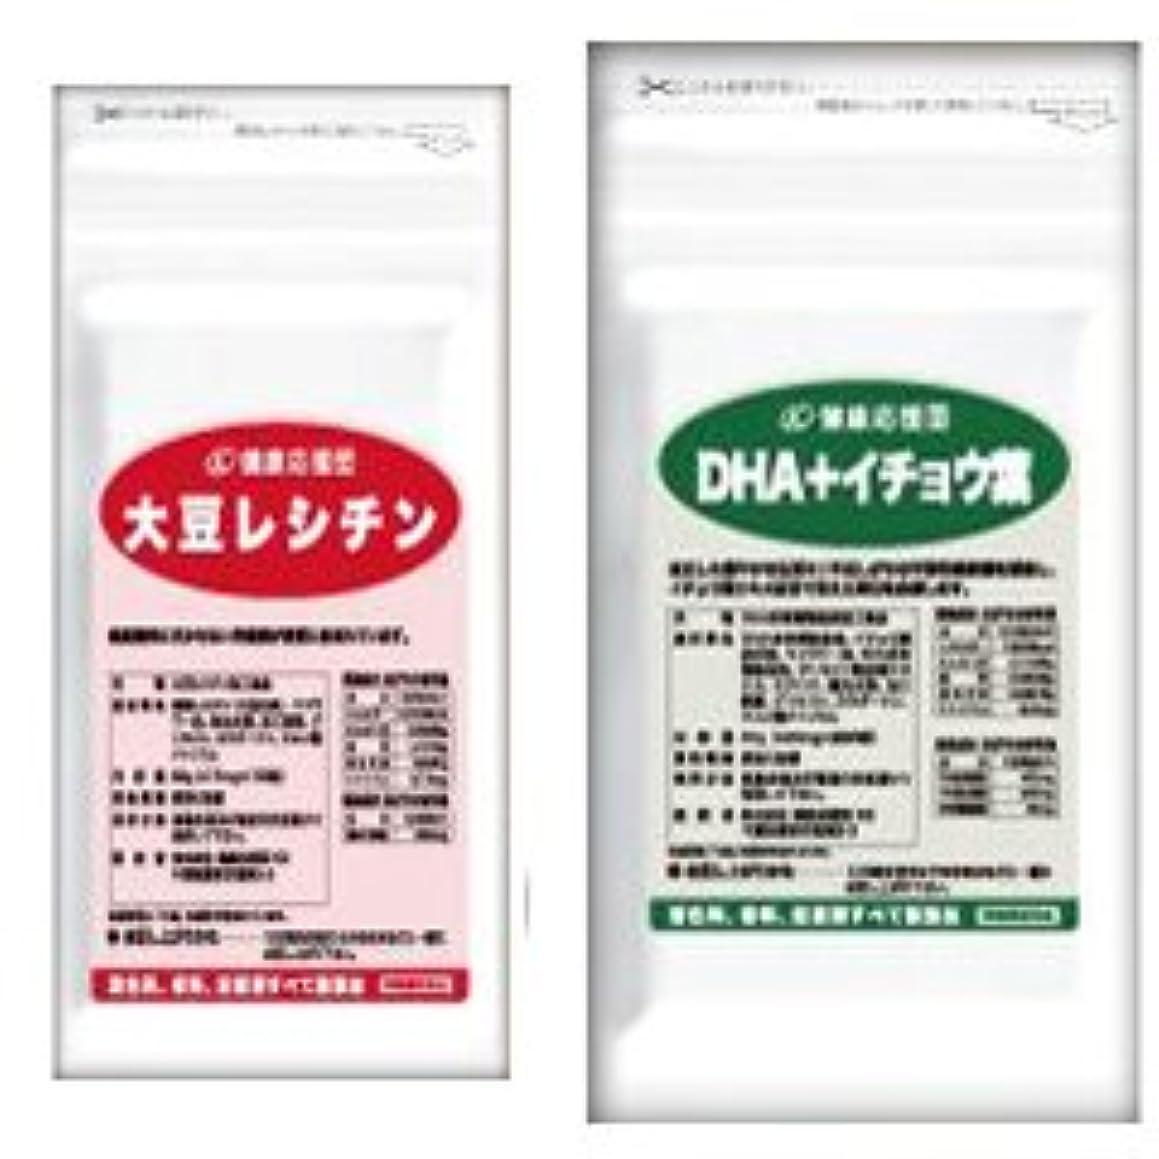 漏れくるくるハリケーン流れサラサラセット 大豆レシチン+(DHA?EPA+イチョウ葉) お徳用12か月分